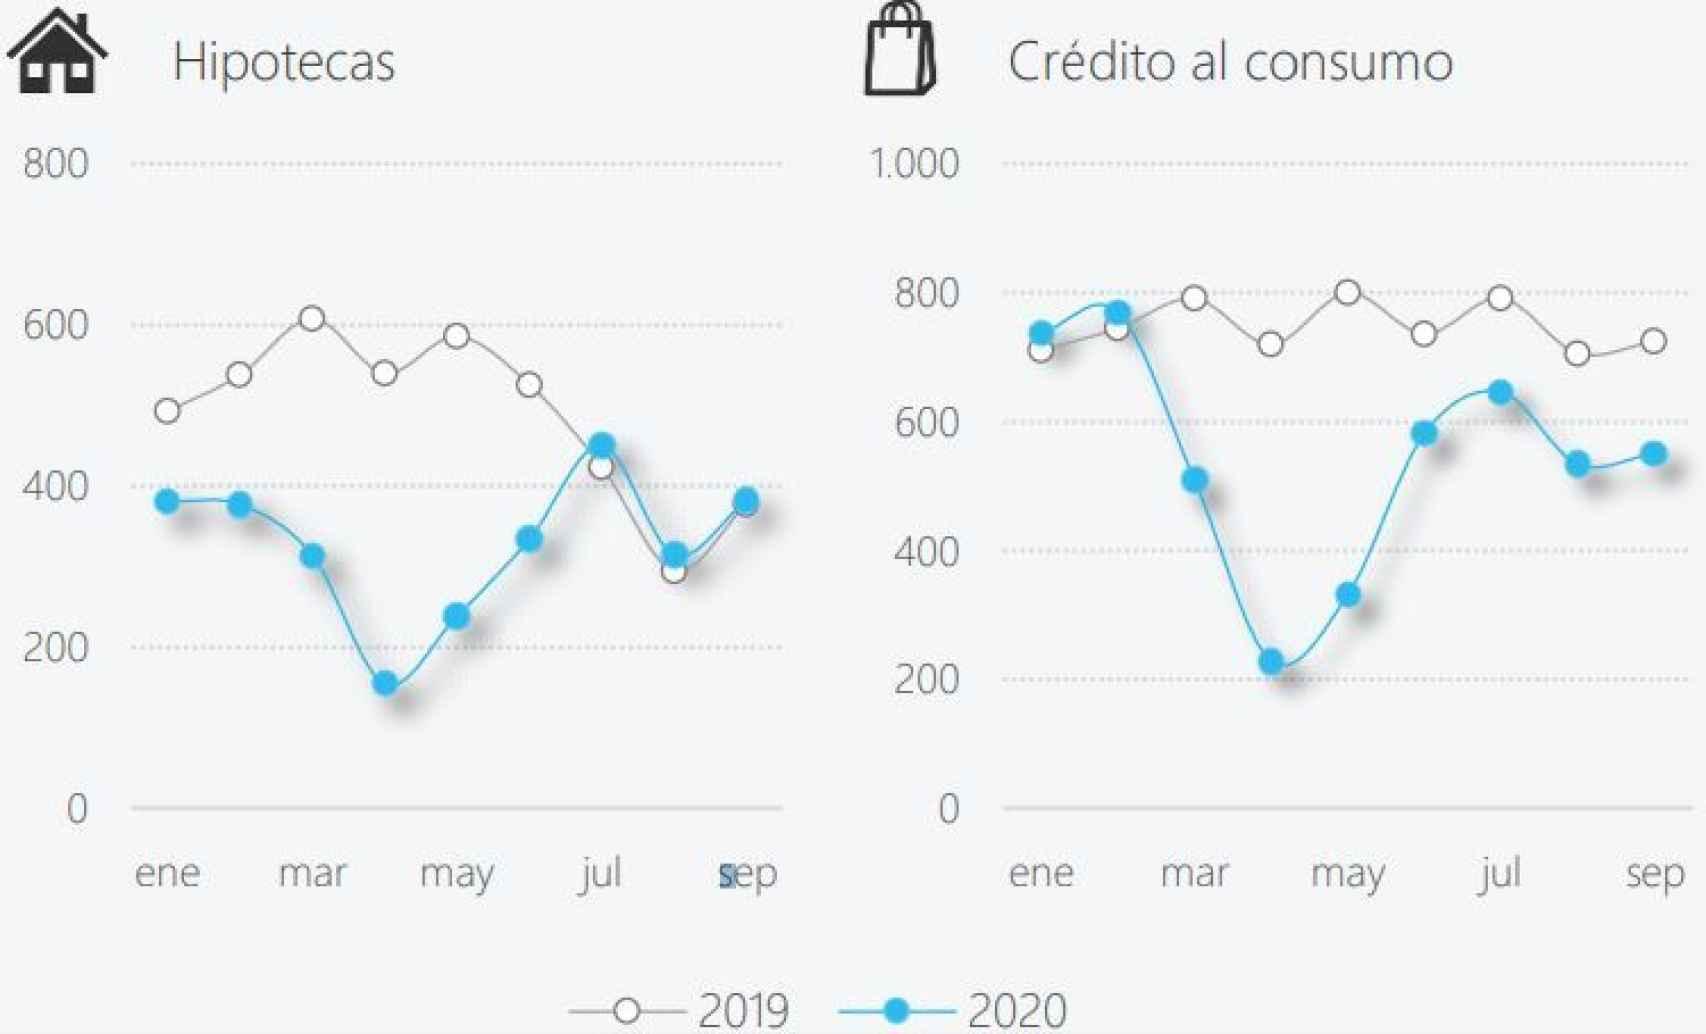 Nueva producción hipotecaria y de crédito al consumo de CaixaBank (ex BPI).